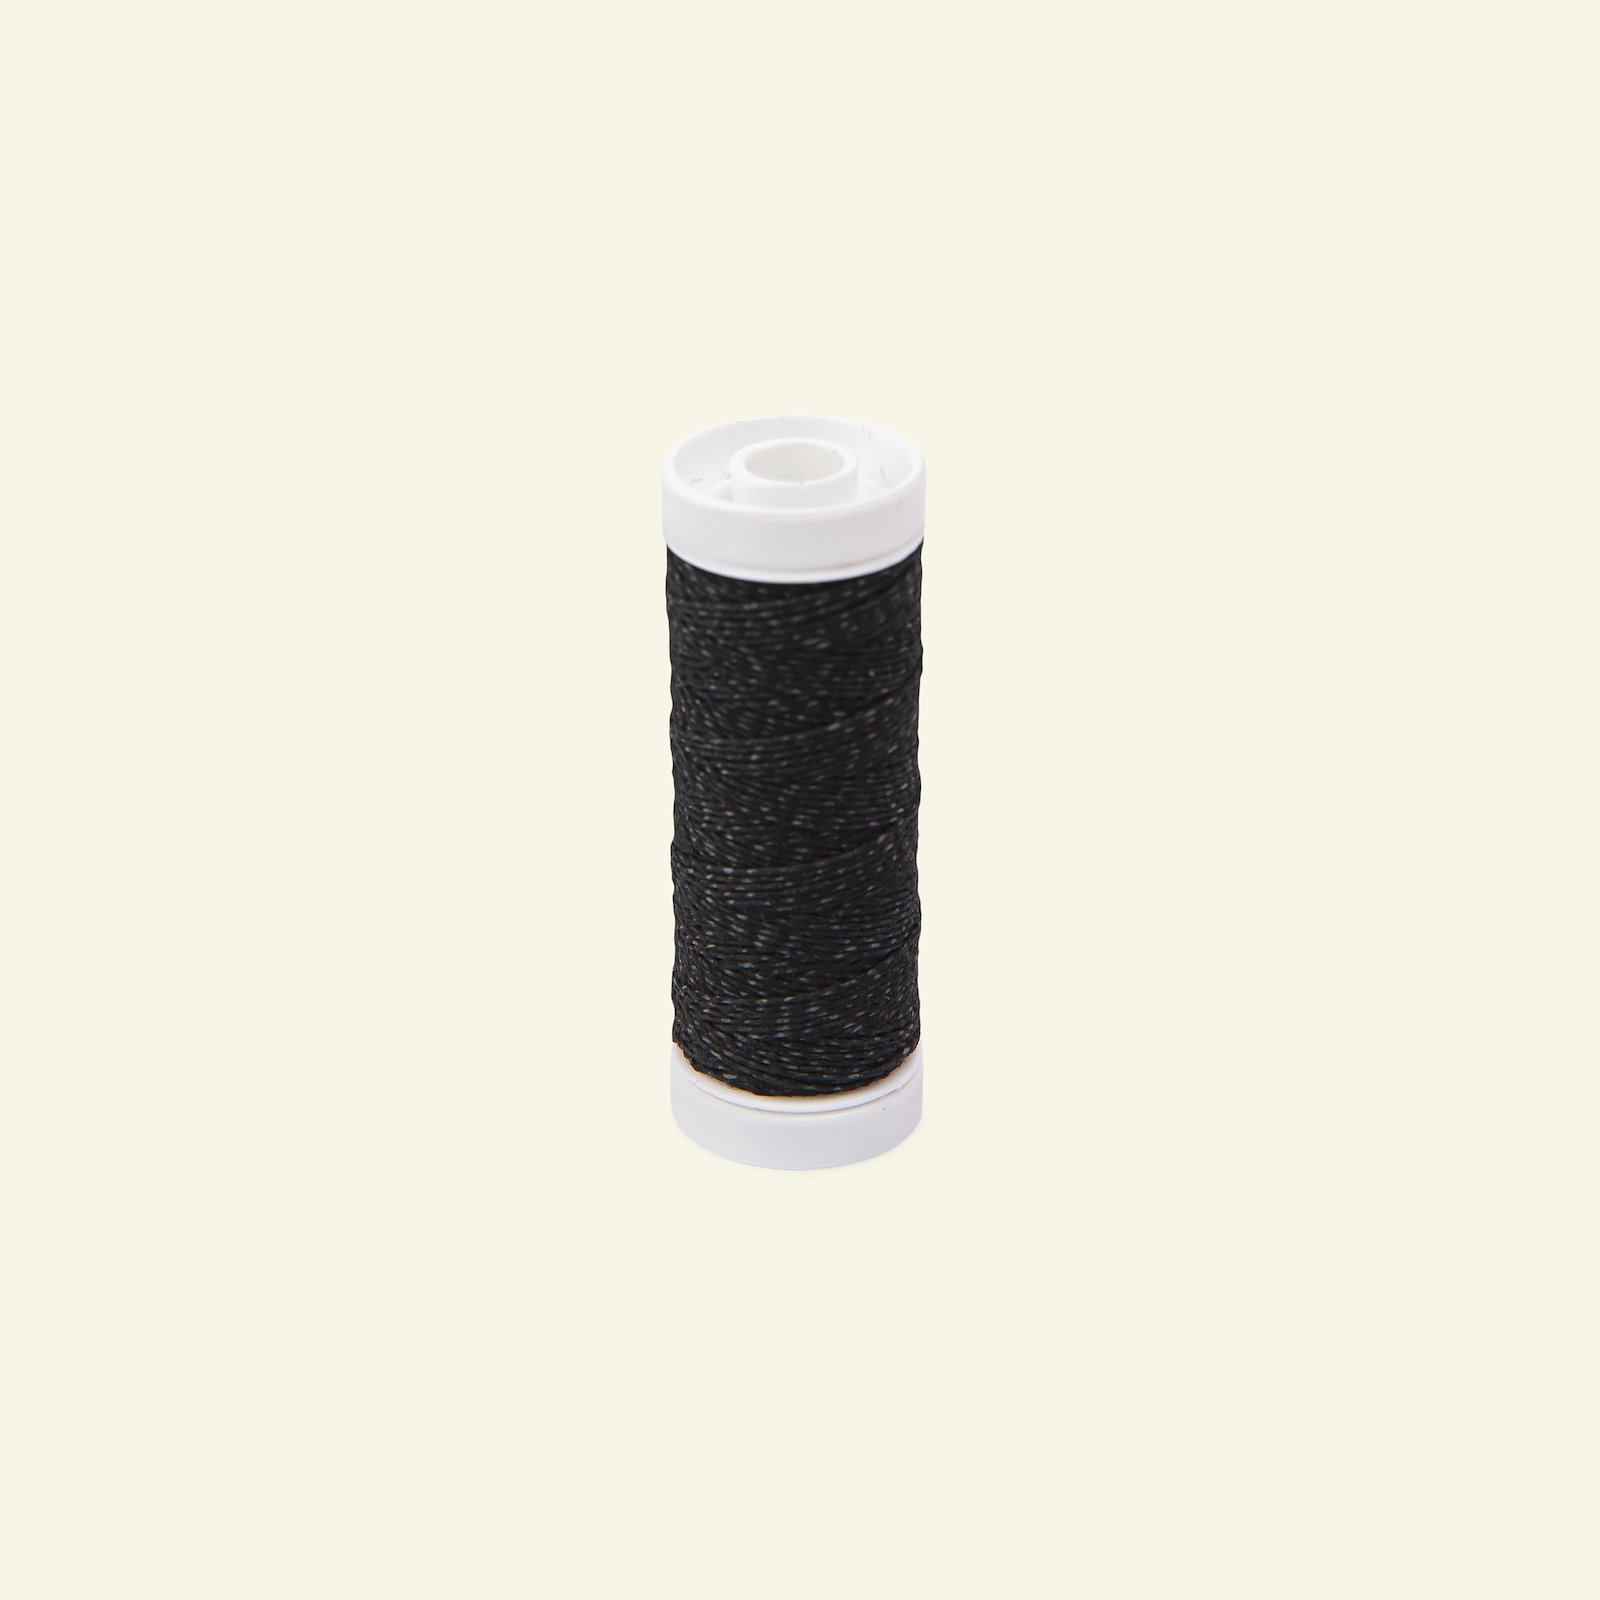 Elastic thread black 20m 19943_pack